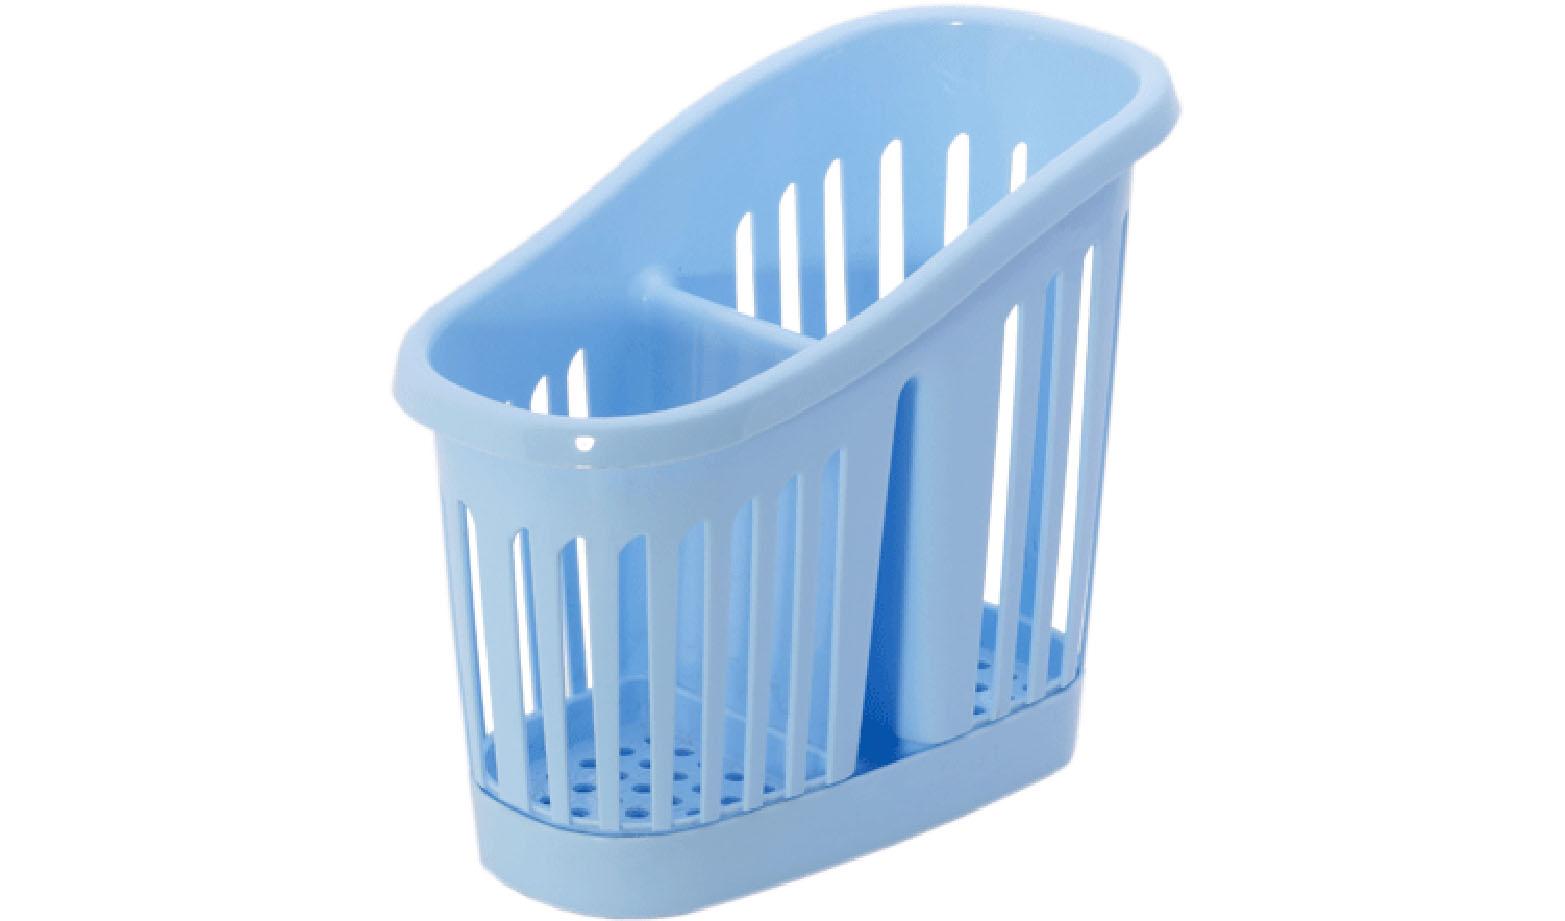 Подставка для столовых приборов Idea, цвет: голубой. М 1165М 1165Подставка для столовых приборов Idea, выполненная из высококачественного пластика, станет полезным приобретением для вашей кухни. Подставка имеет два отделения для разных видов столовых приборов. Дно и стенки отделений имеет перфорацию для легкого стока жидкости, которую собирает поднос. Такая подставка поможет аккуратно рассортировать все столовые приборы и тем самым поддерживать порядок на кухне.